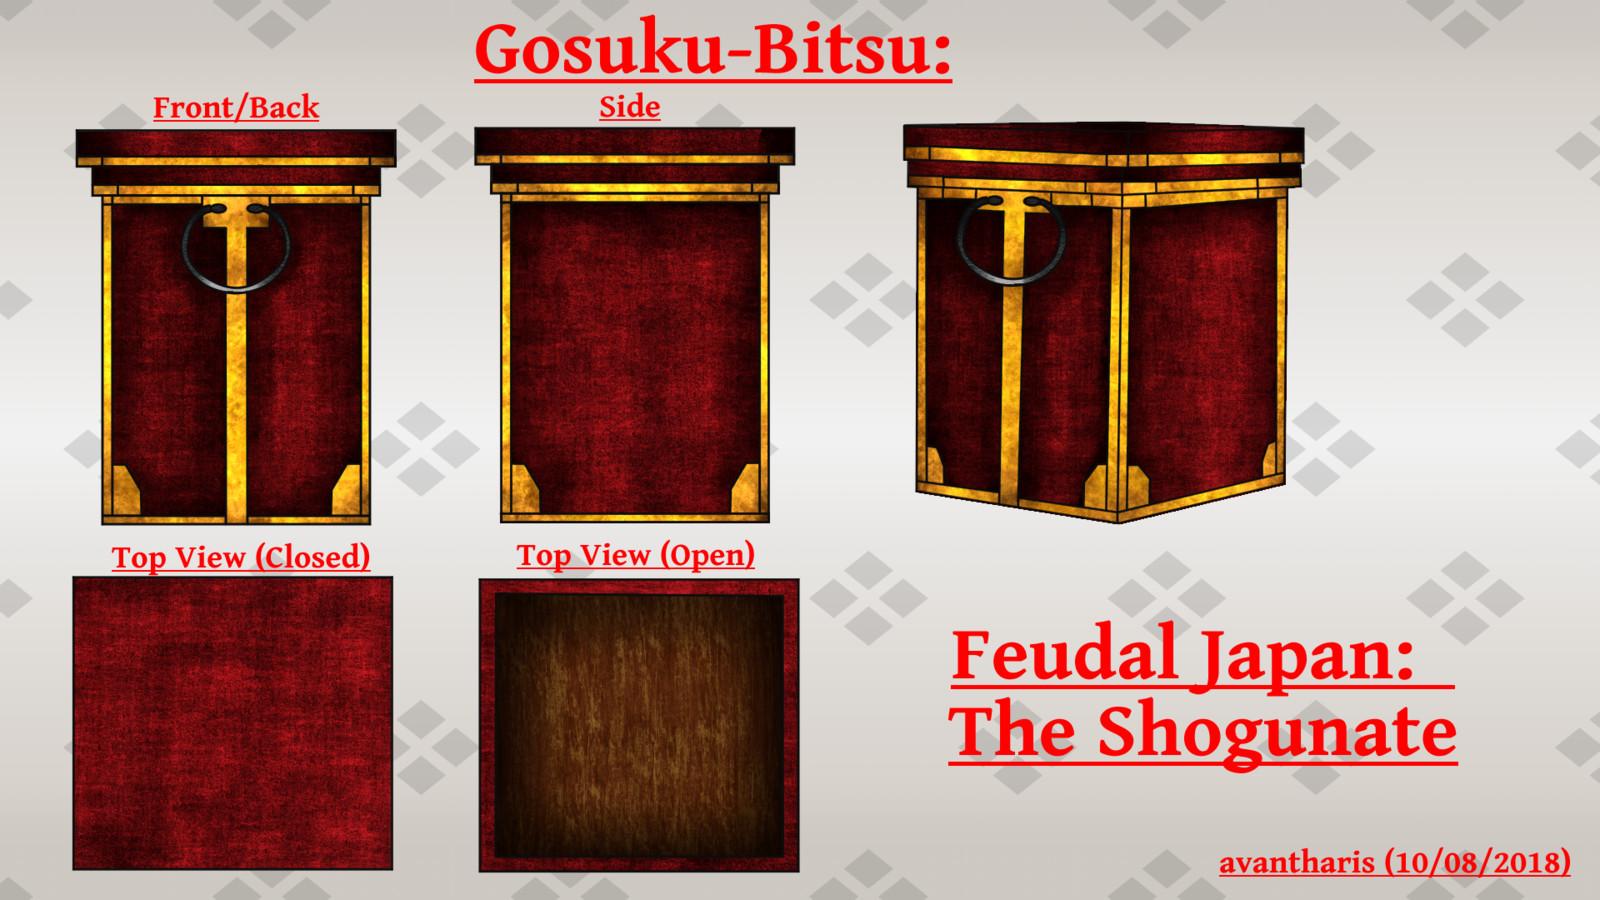 Gosuku-Bitsu